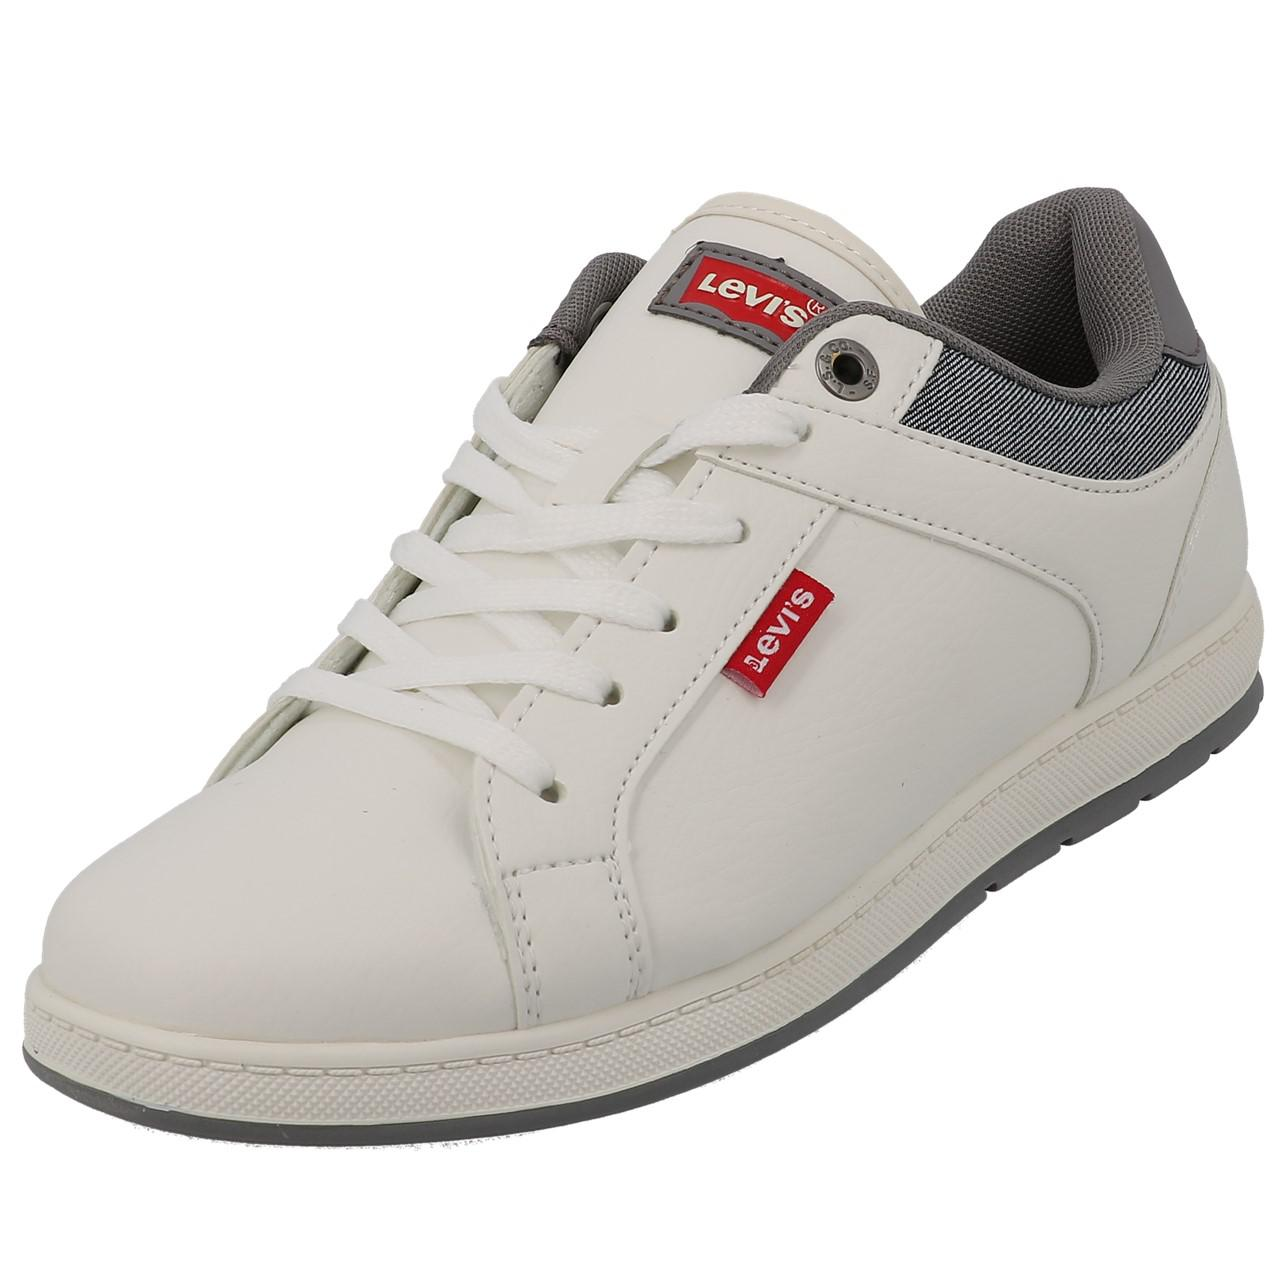 Chaussures-mode-ville-Levis-Declan-blanc-Blanc-53197-Neuf